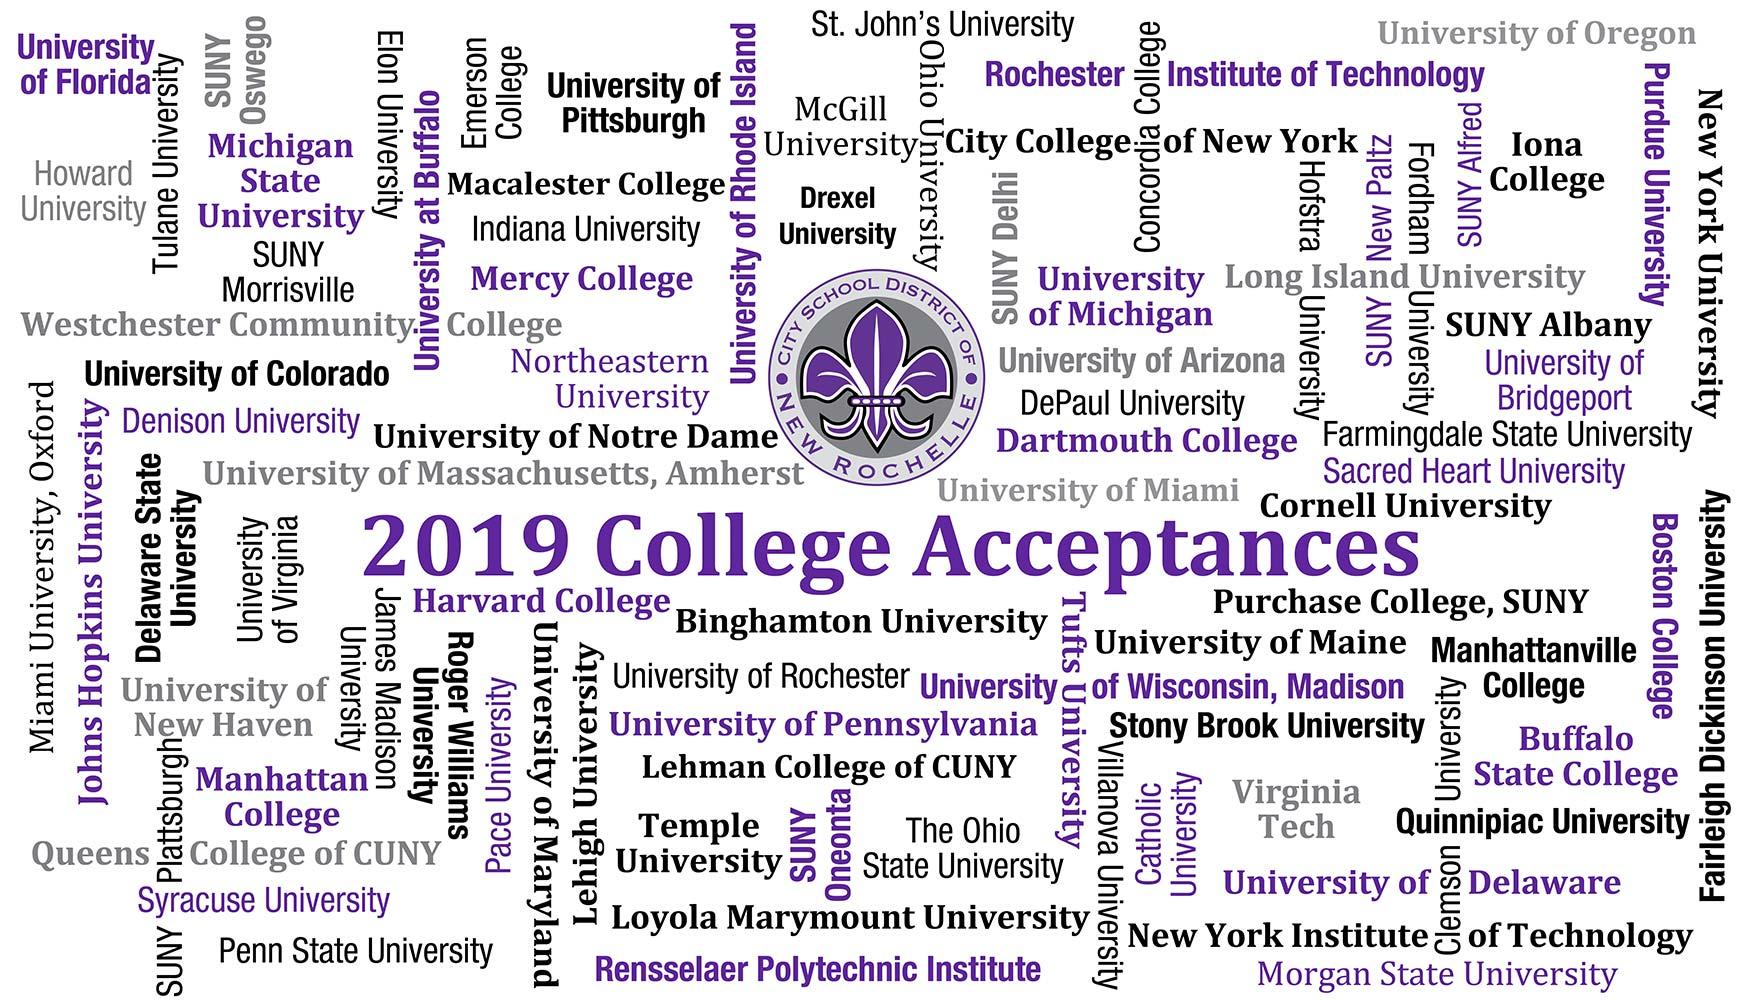 2019 College Acceptances